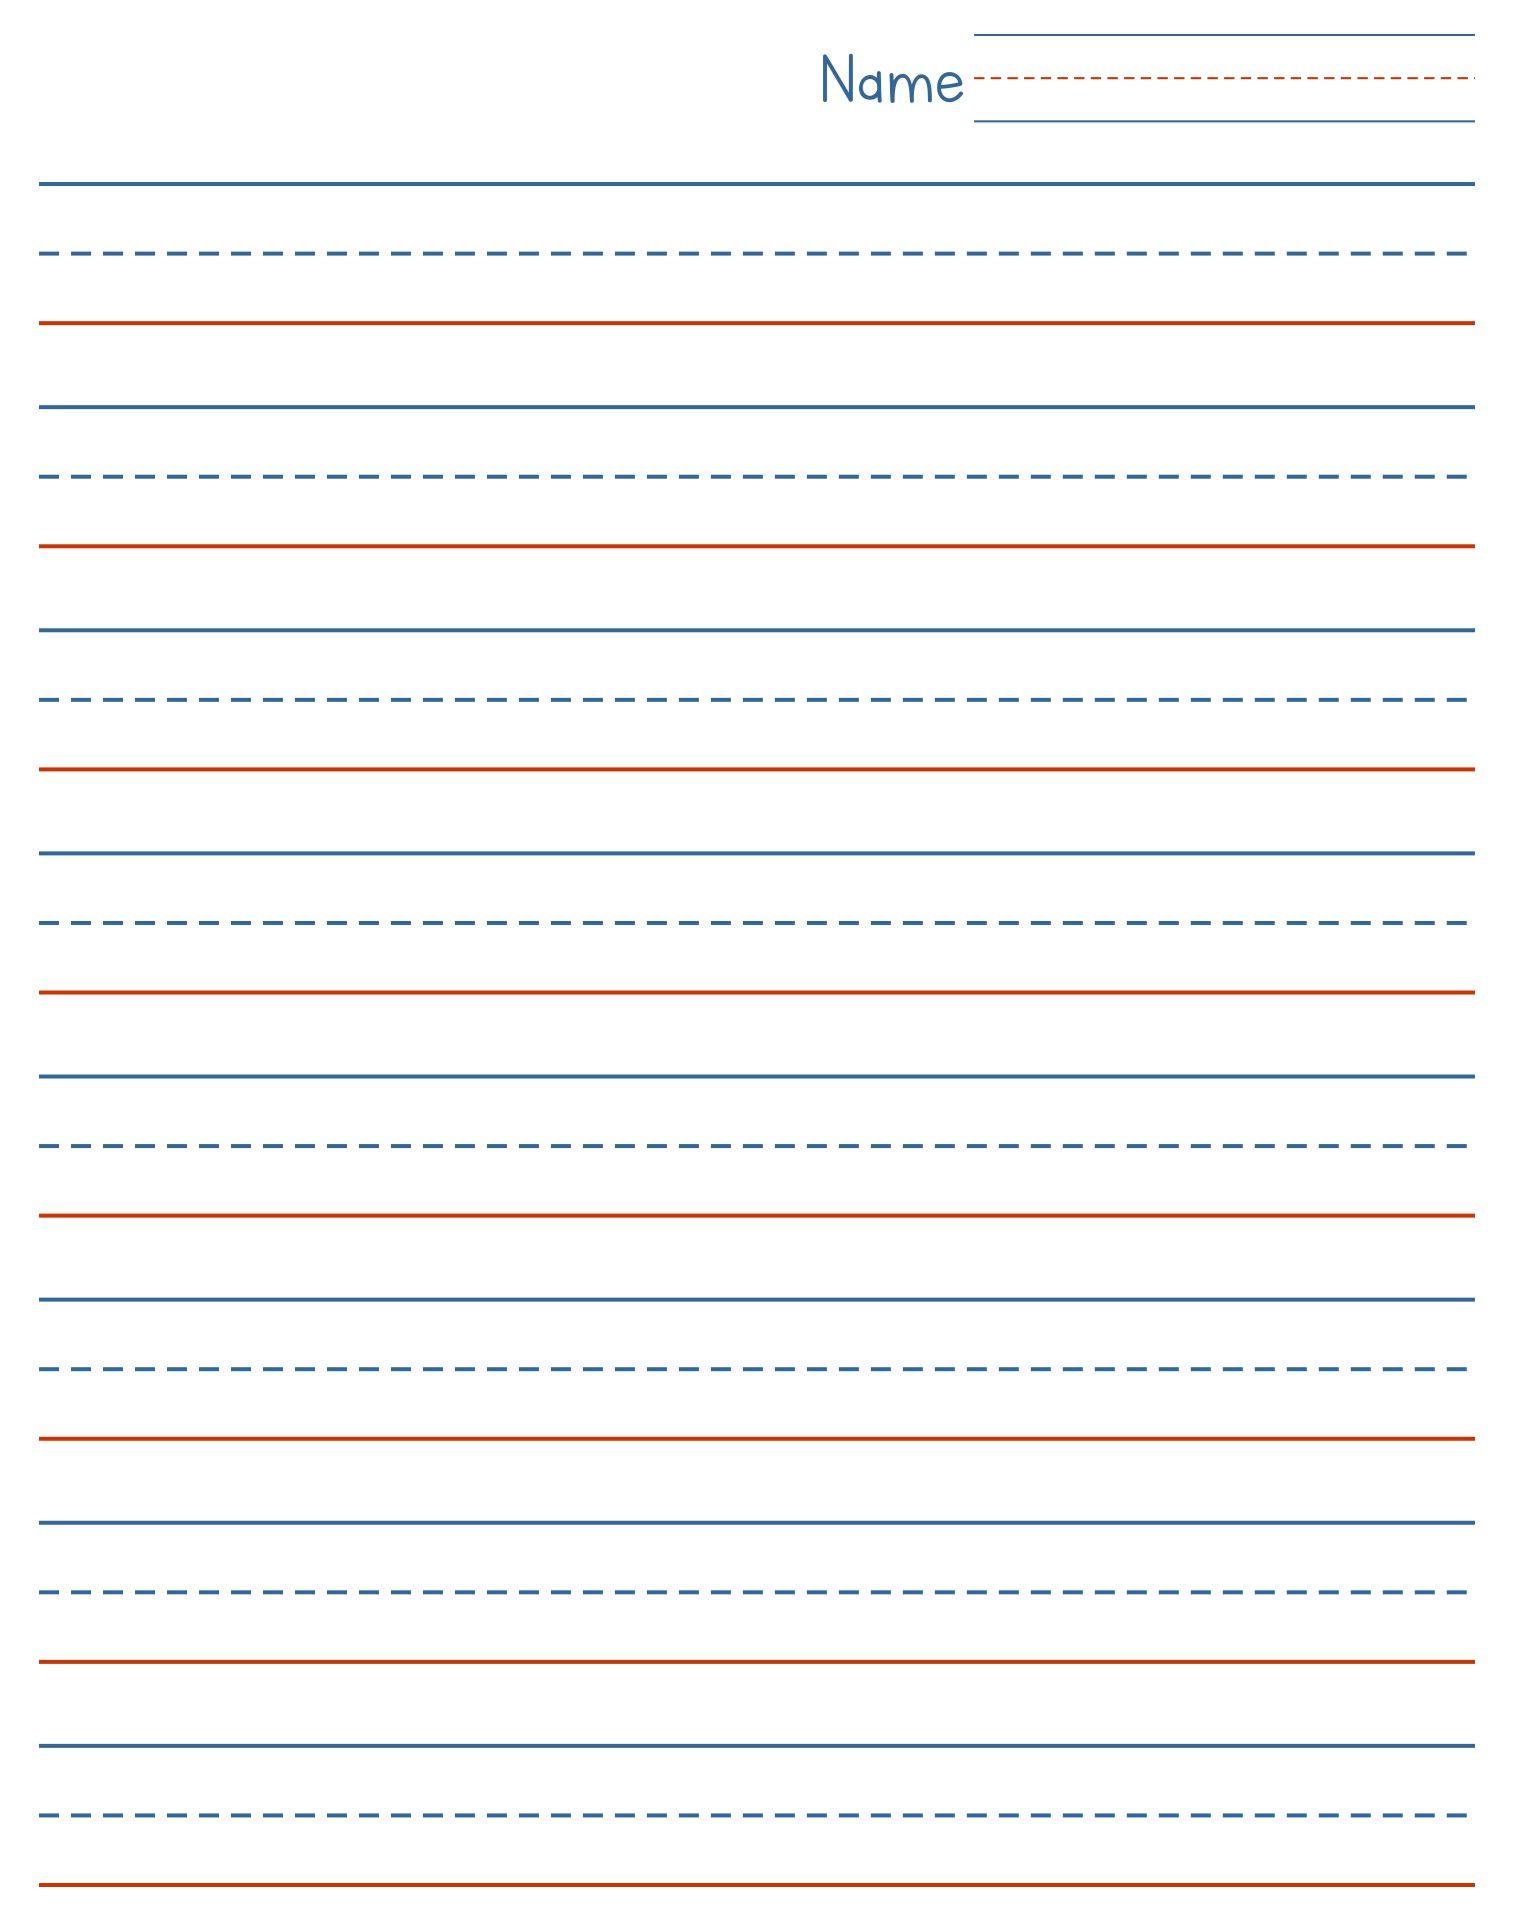 Free Worksheets » Handwriting Worksheets Pdf - Free Printable ...